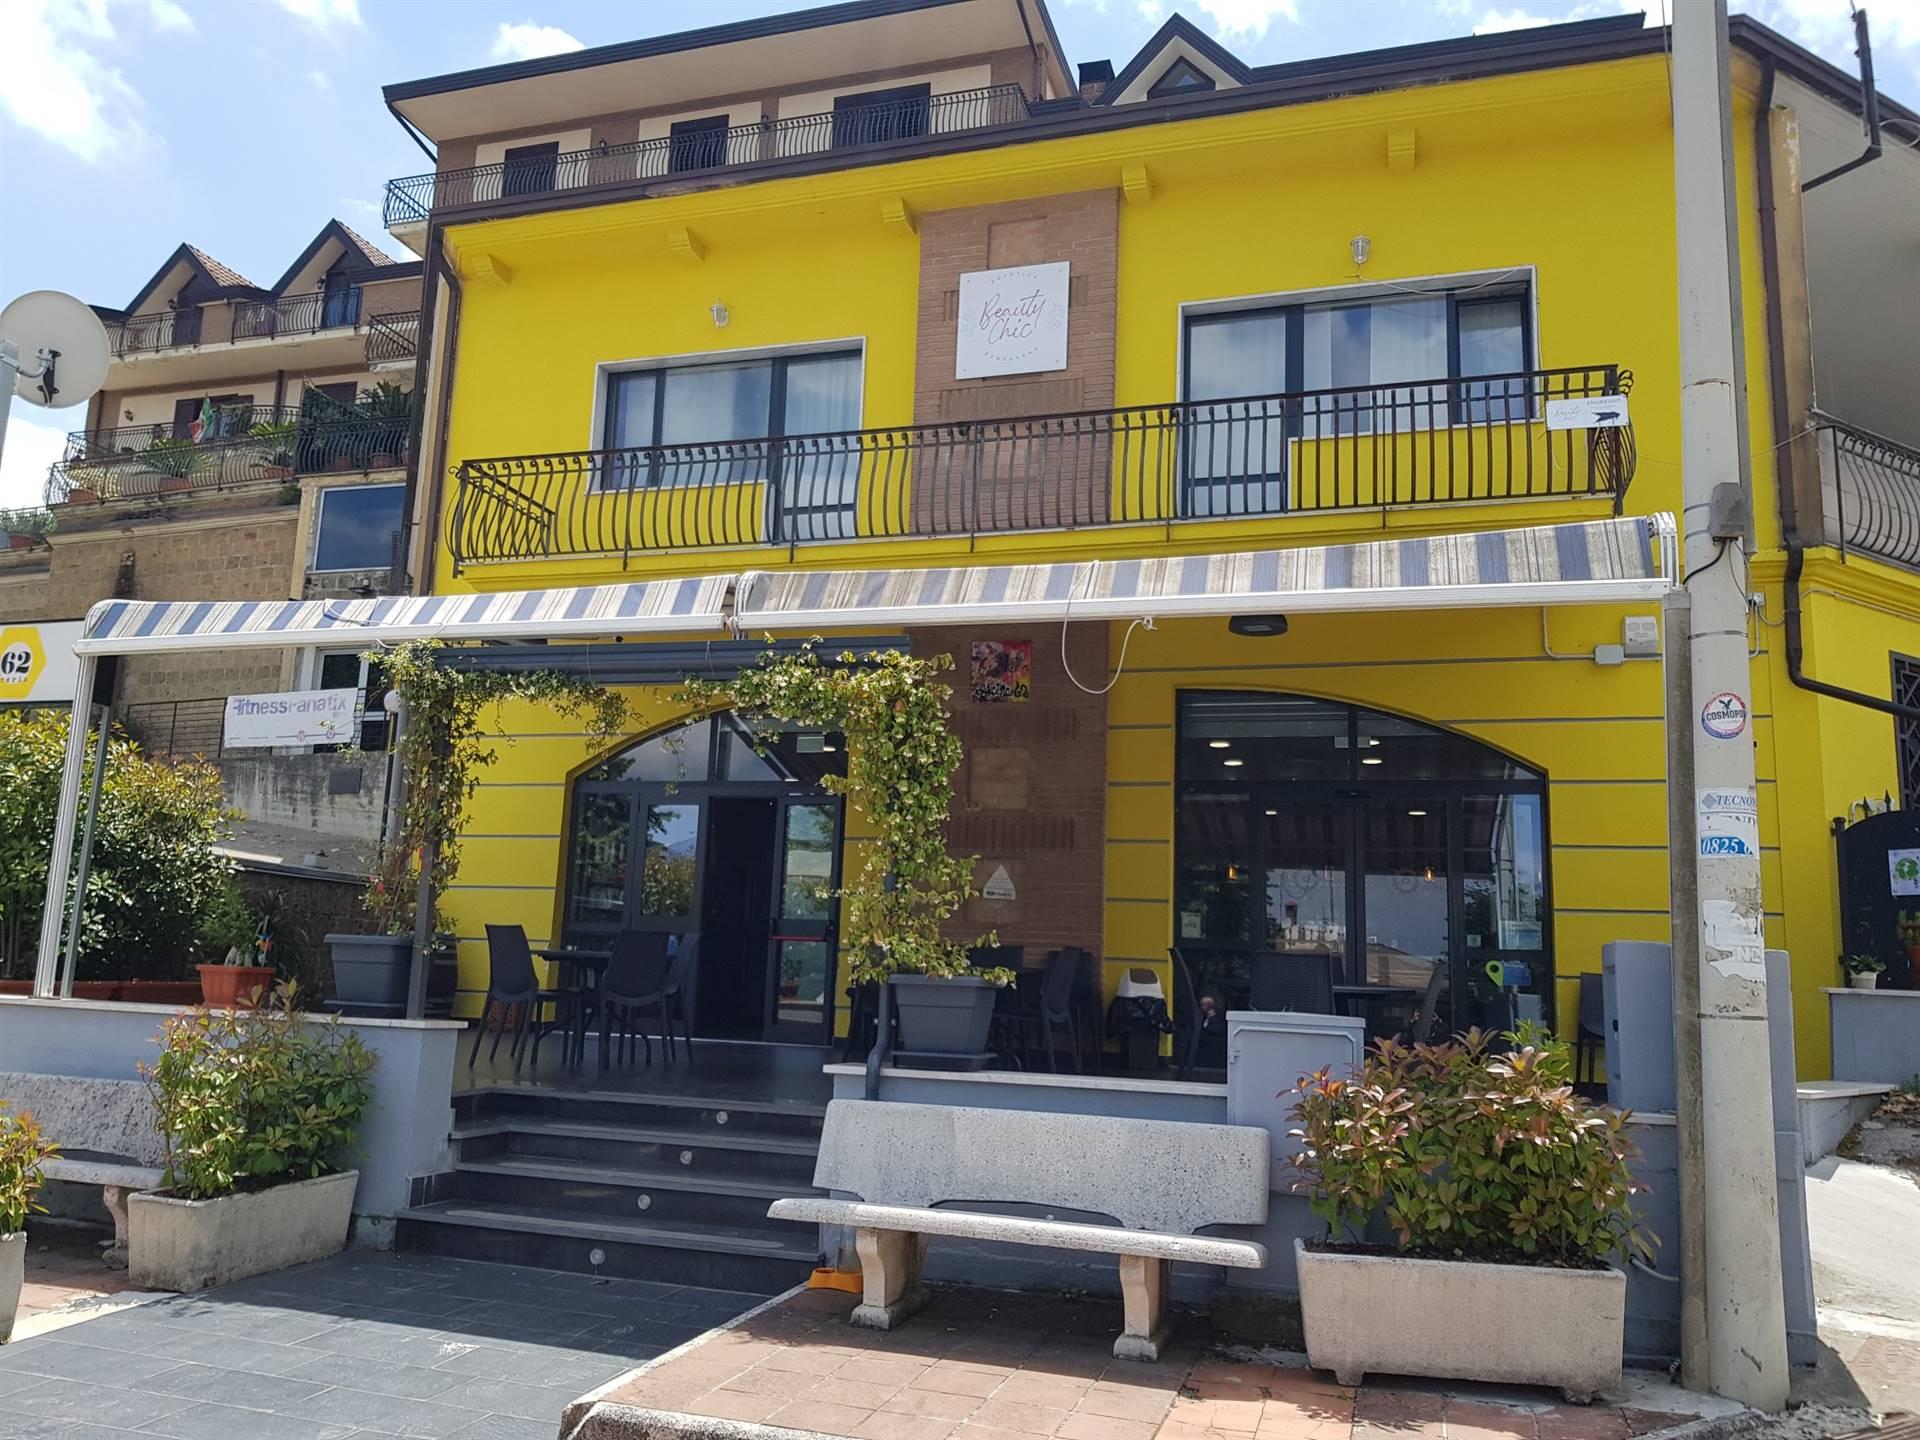 Bar in vendita a Aiello del Sabato, 2 locali, prezzo € 169.000   CambioCasa.it